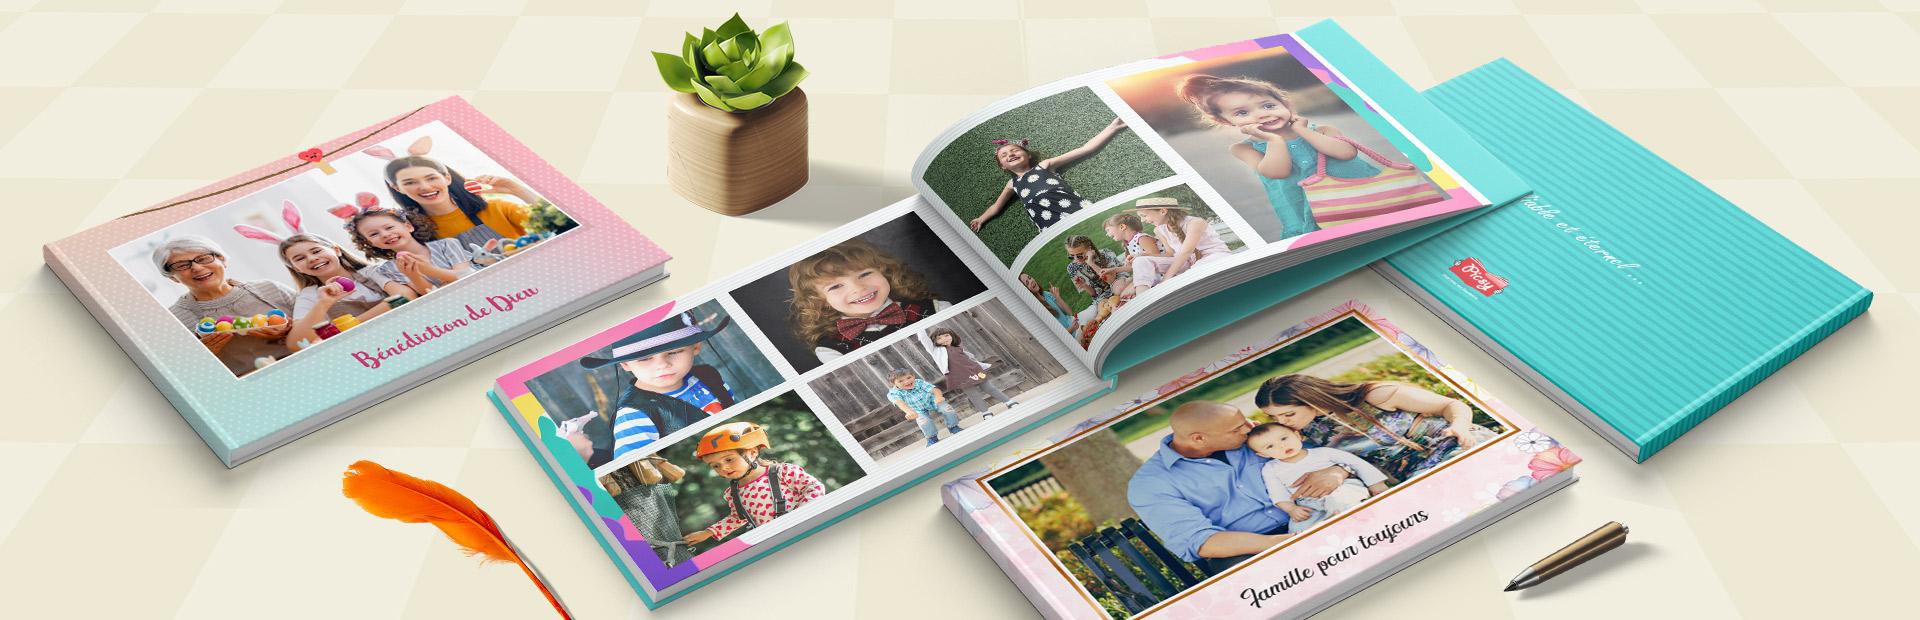 Thèmes de livres photo de famille